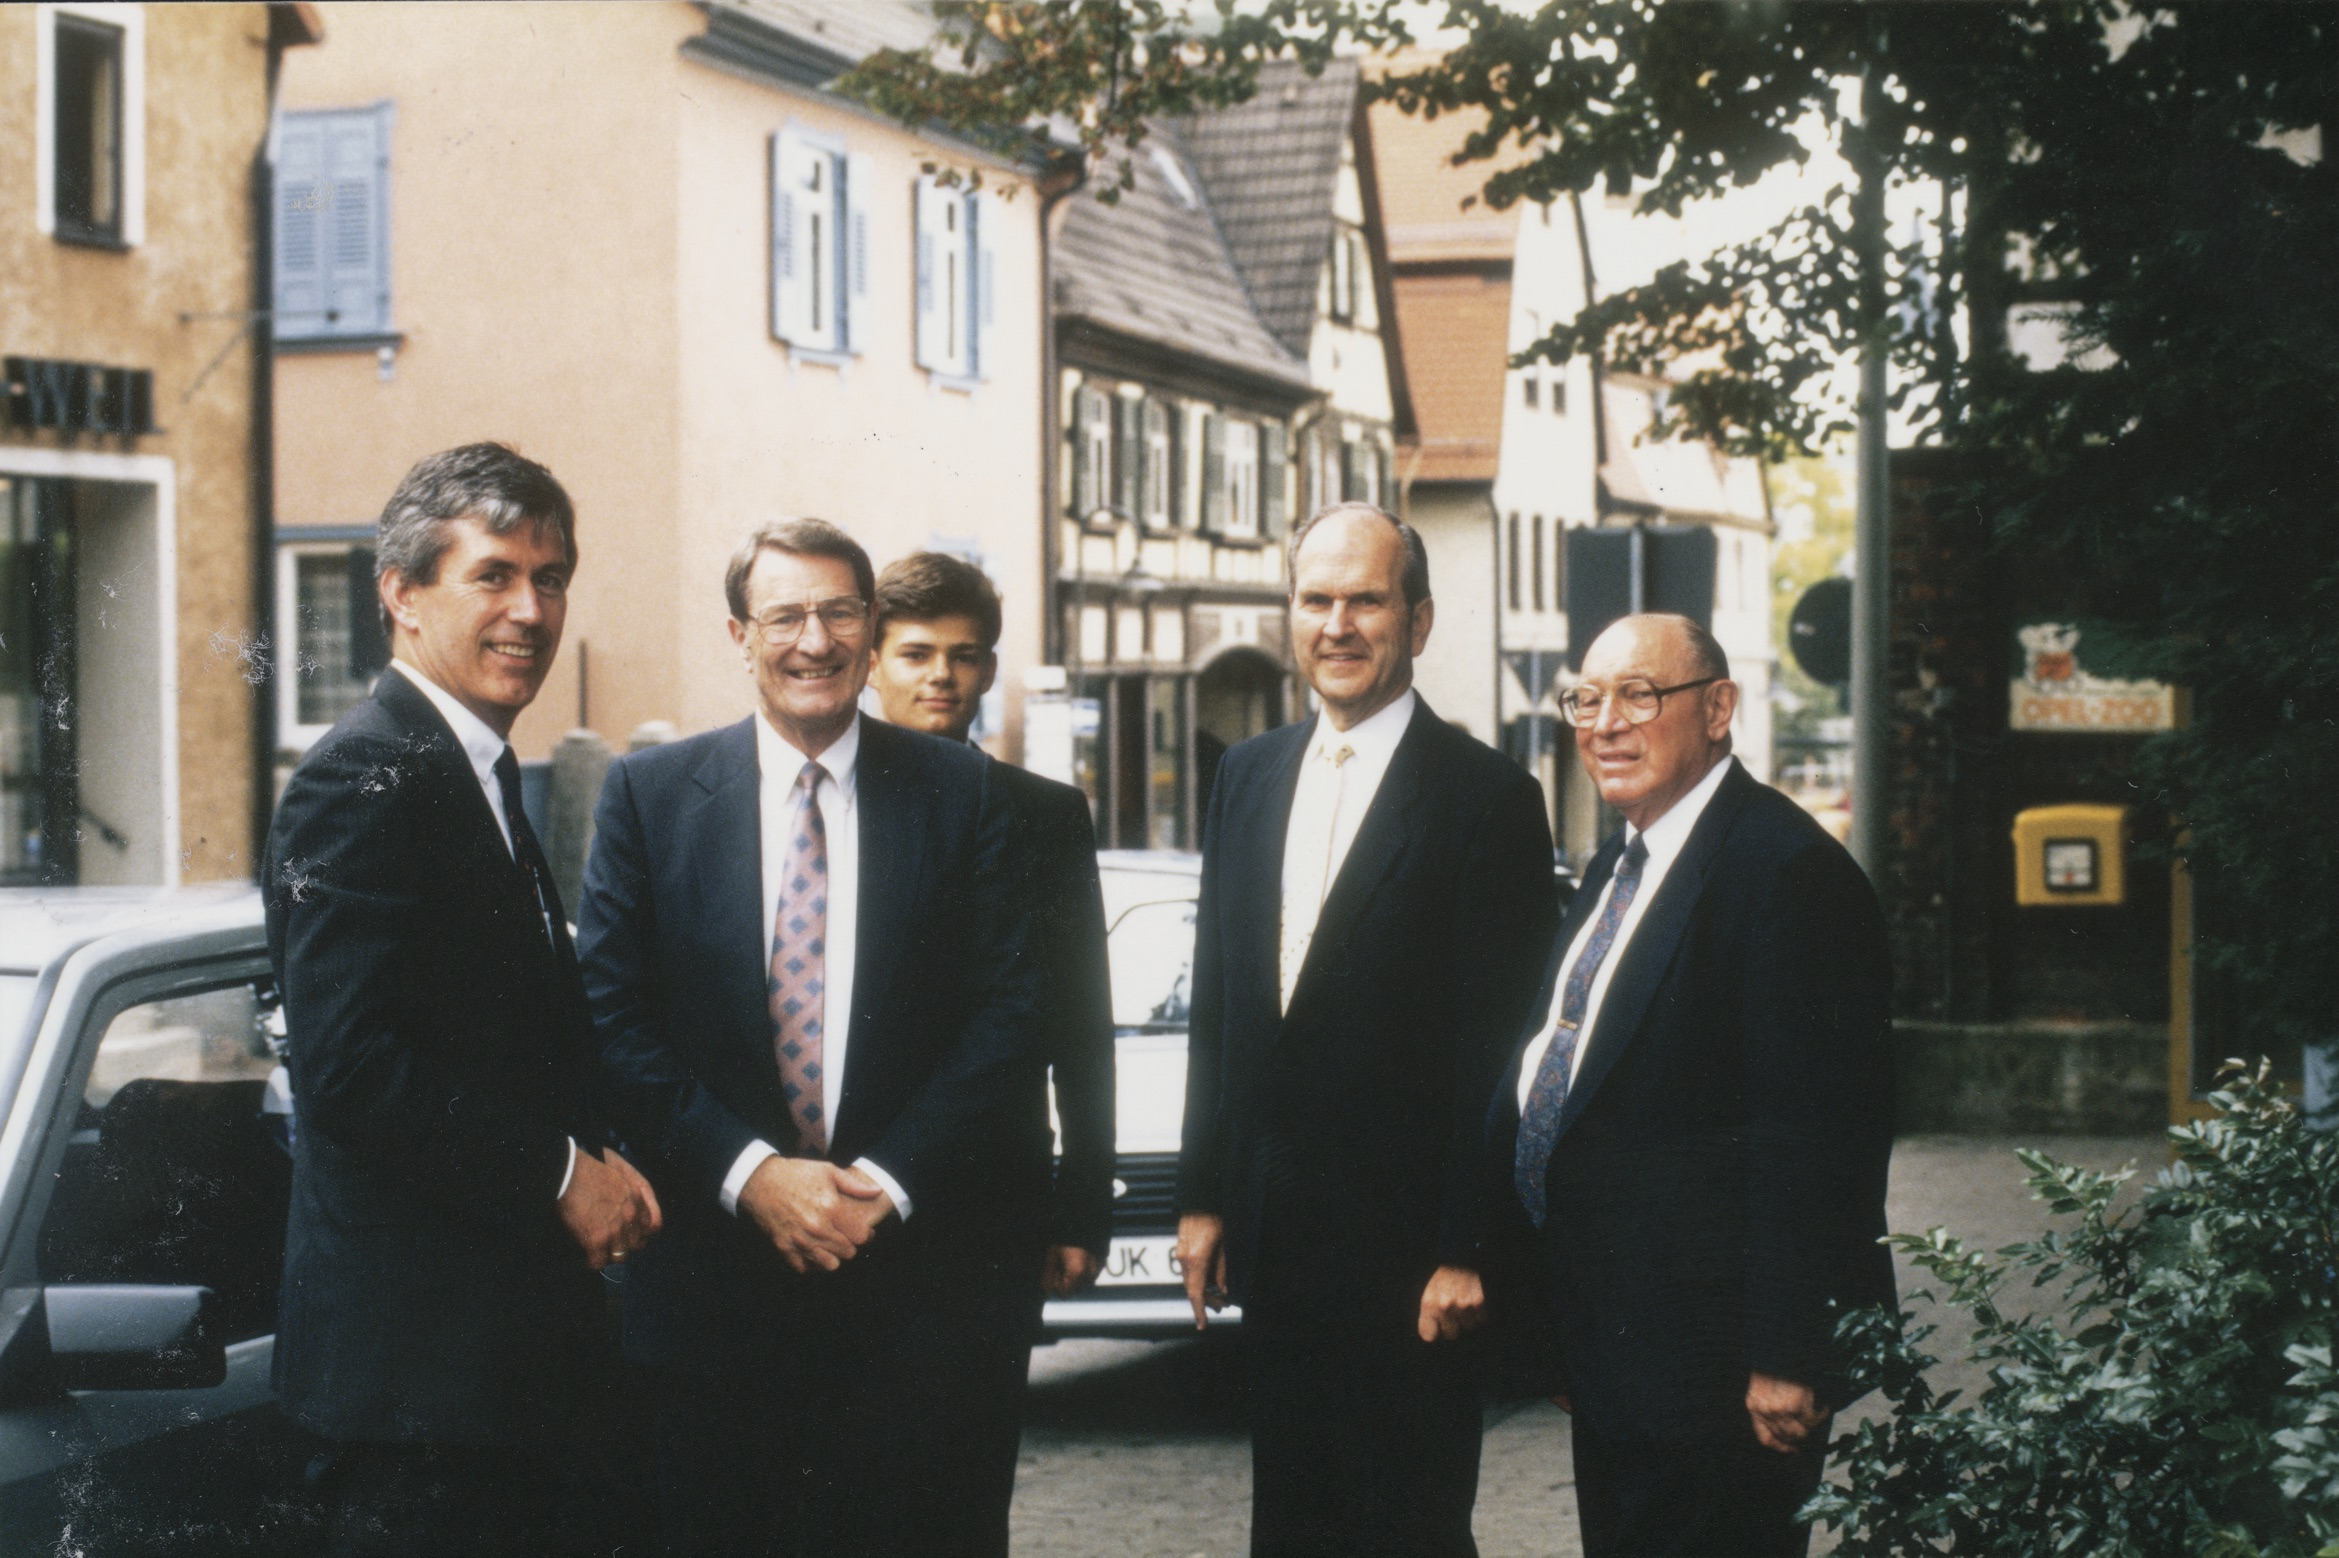 Dieter F. Uchtdorf, que servia como presidente do comitê do Templo de Frankfurt, e seu filho, Guido, com o élder Neal A. Maxwell, o élder Russell M. Nelson e o élder Joseph B. Wirthlin, durante a visitação pública do Templo de Frankfurt Alemanha em 1987.